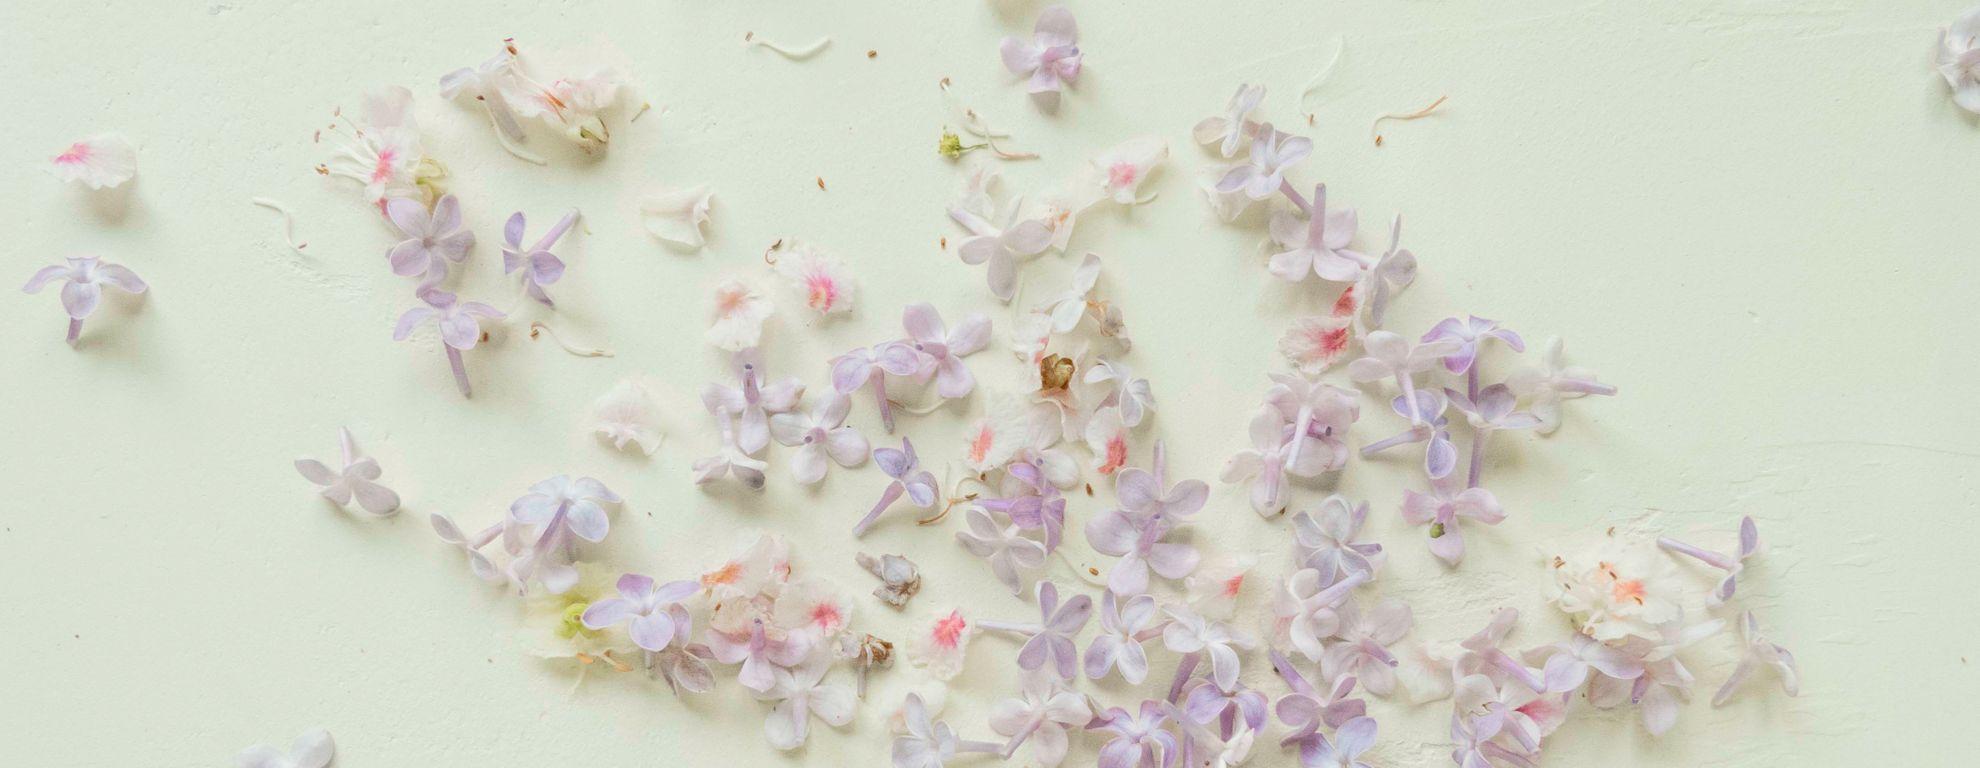 Planta de lavanda: propiedades y beneficios para la salud - Featured image